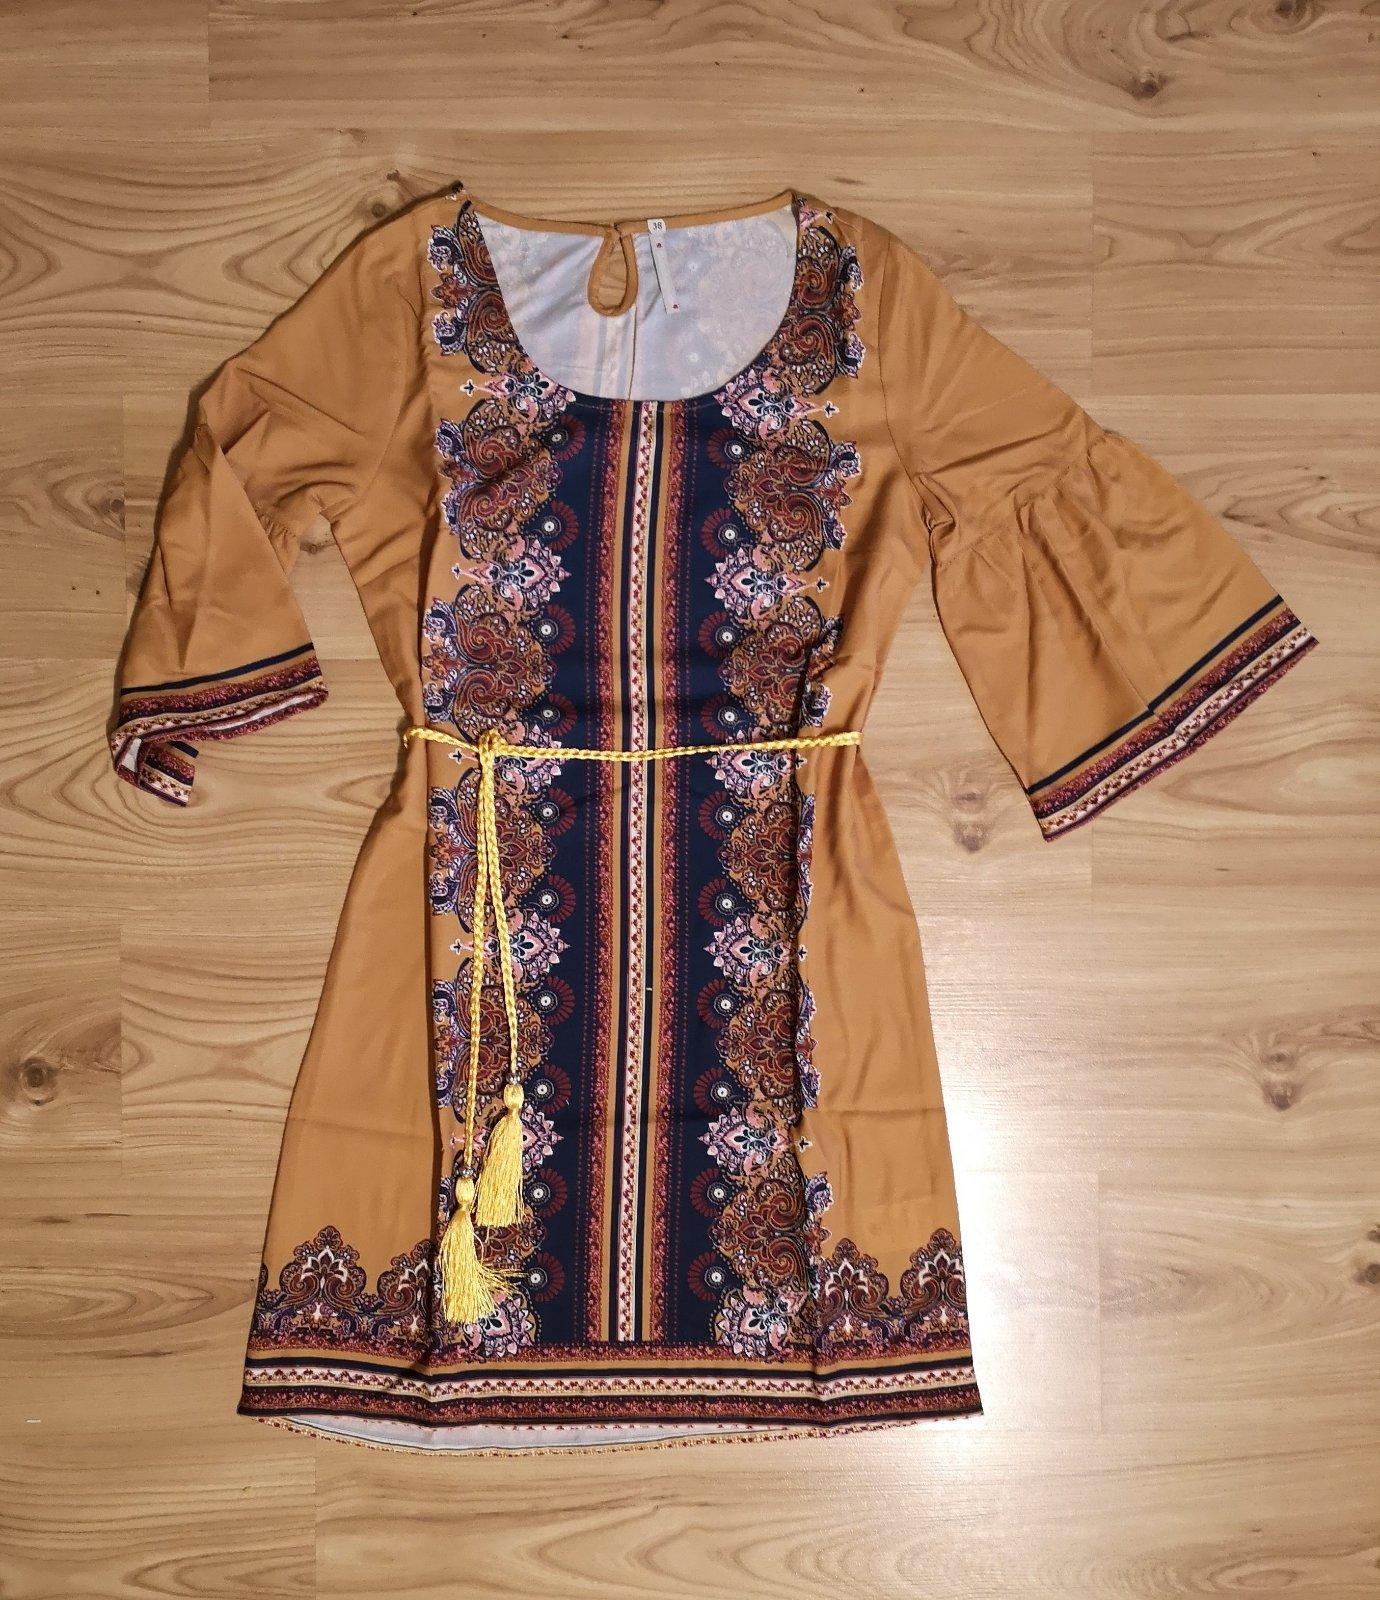 vzorované šaty s opaskom - Obrázok č. 1